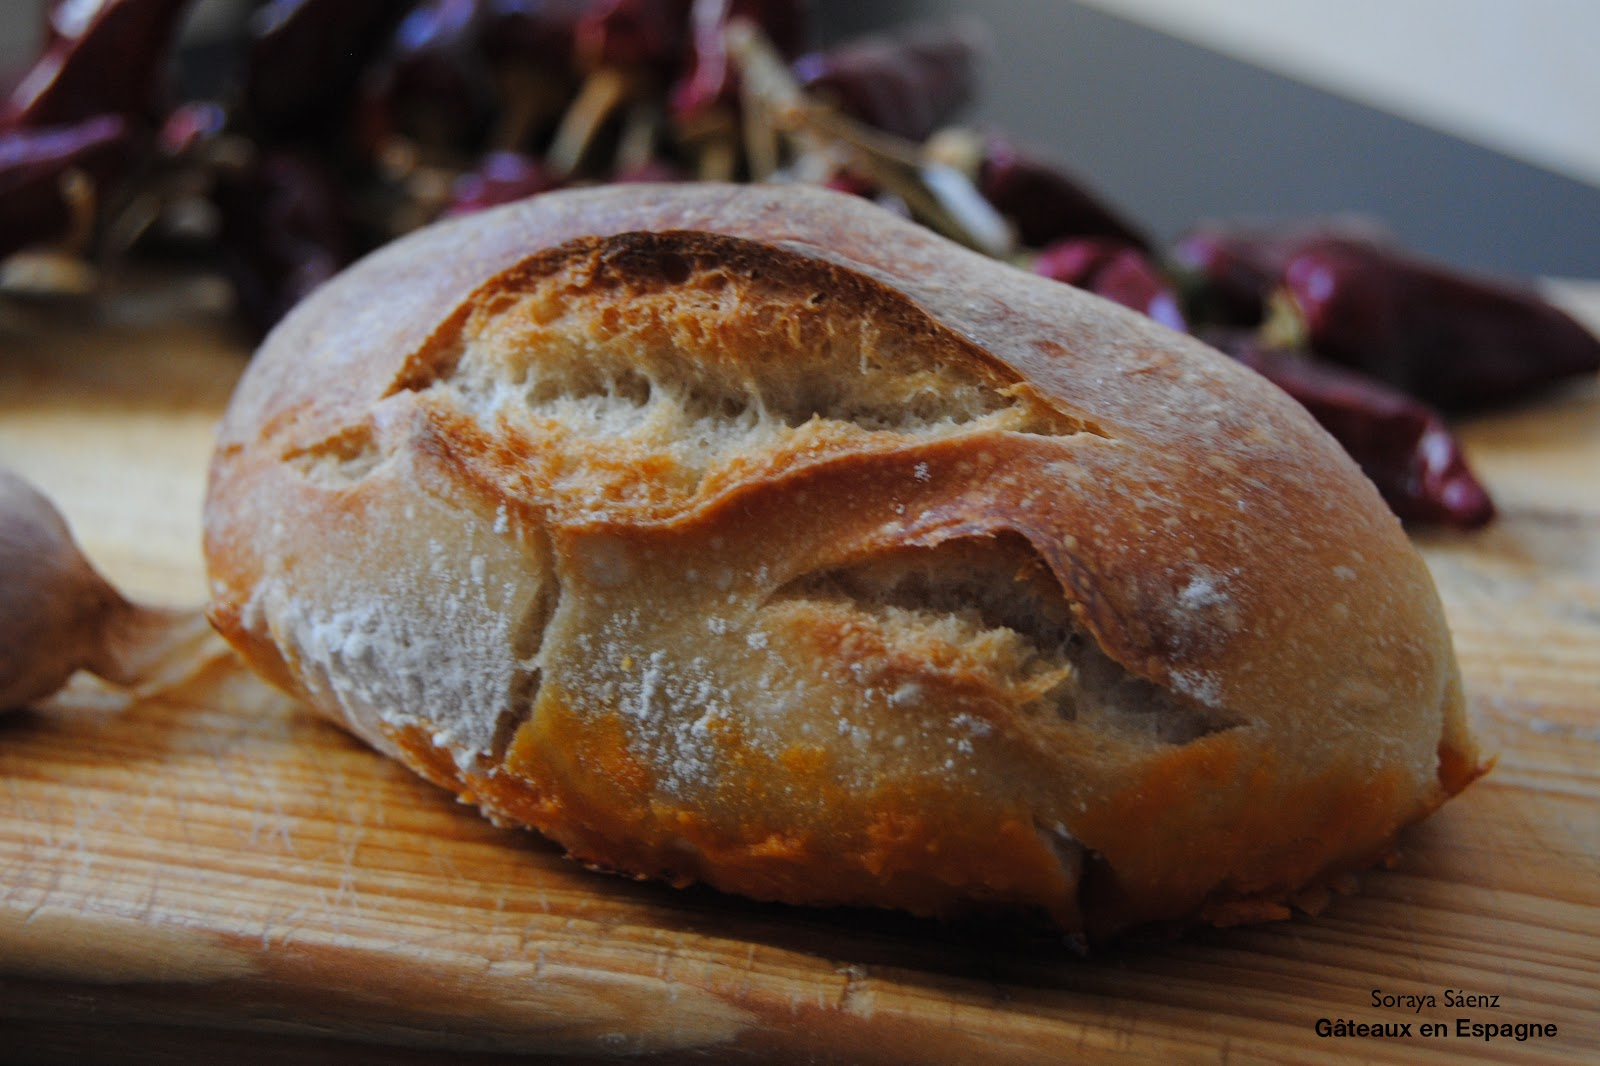 g teaux en espagne le 39 pre ao 39 le pain espagnol au chorizo. Black Bedroom Furniture Sets. Home Design Ideas